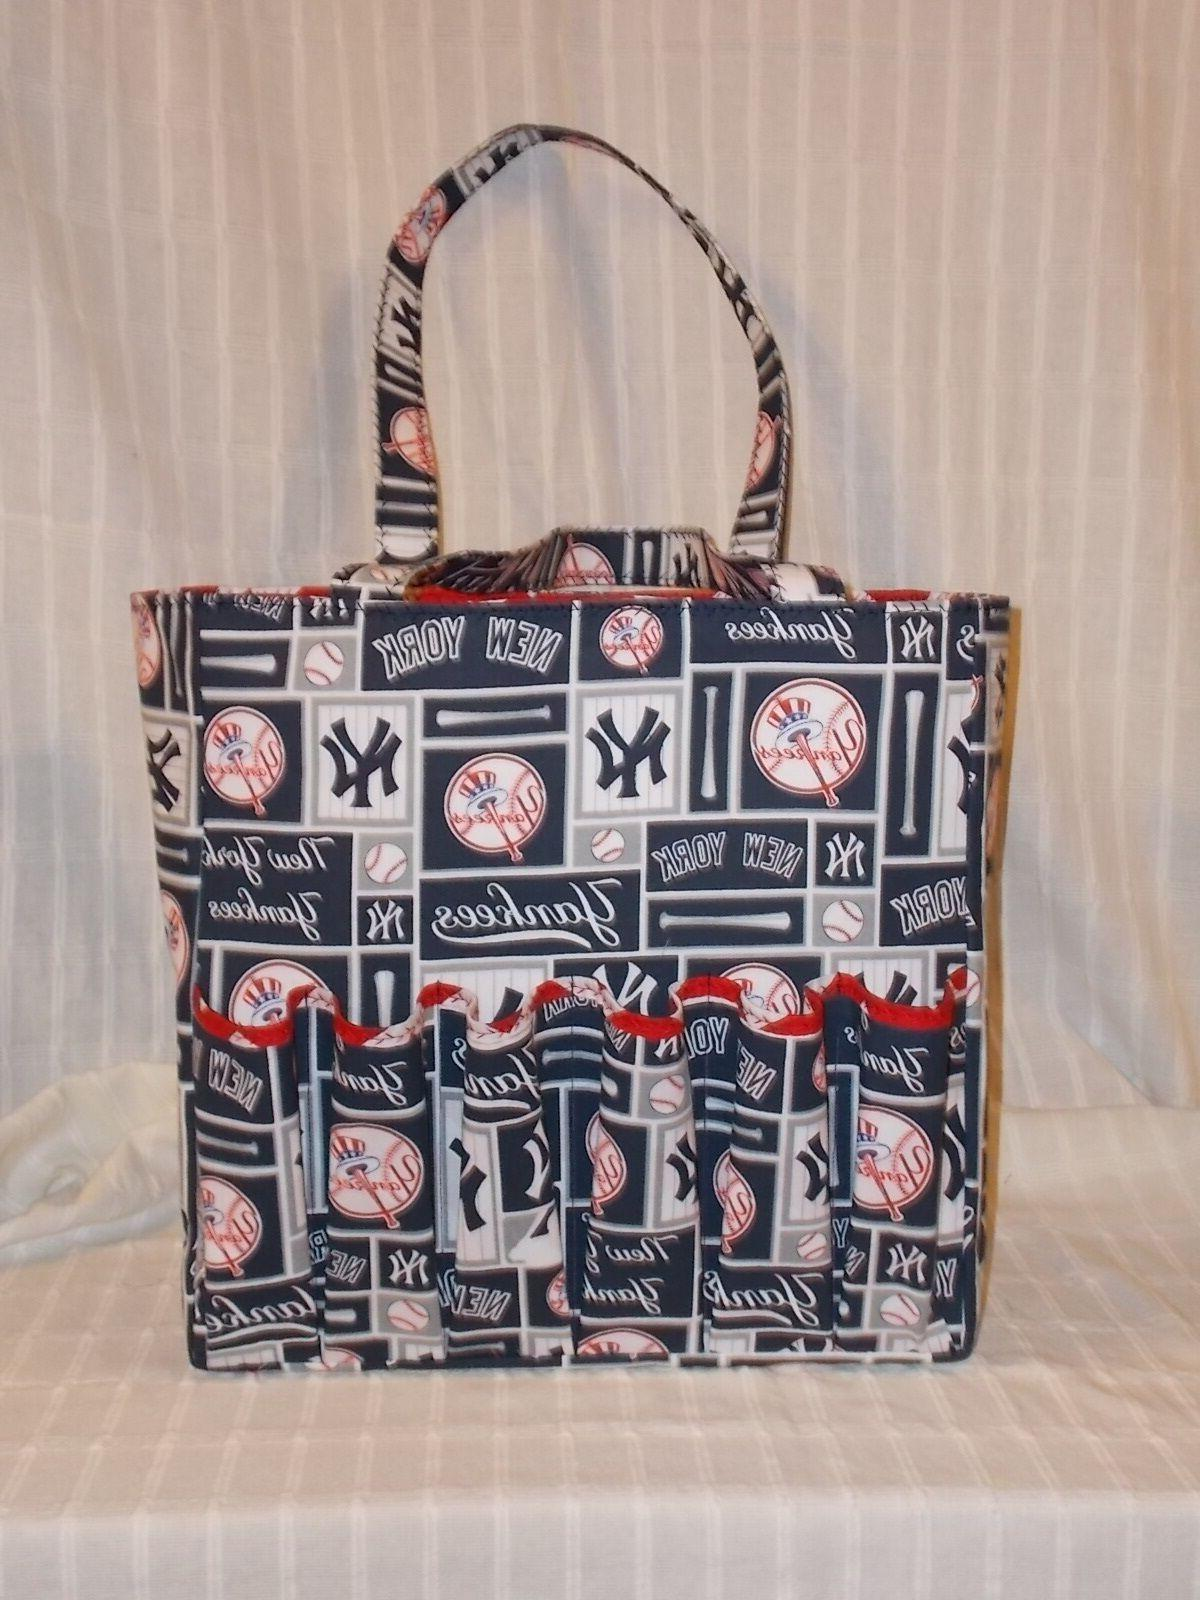 mlb bingo tote bag your choice of